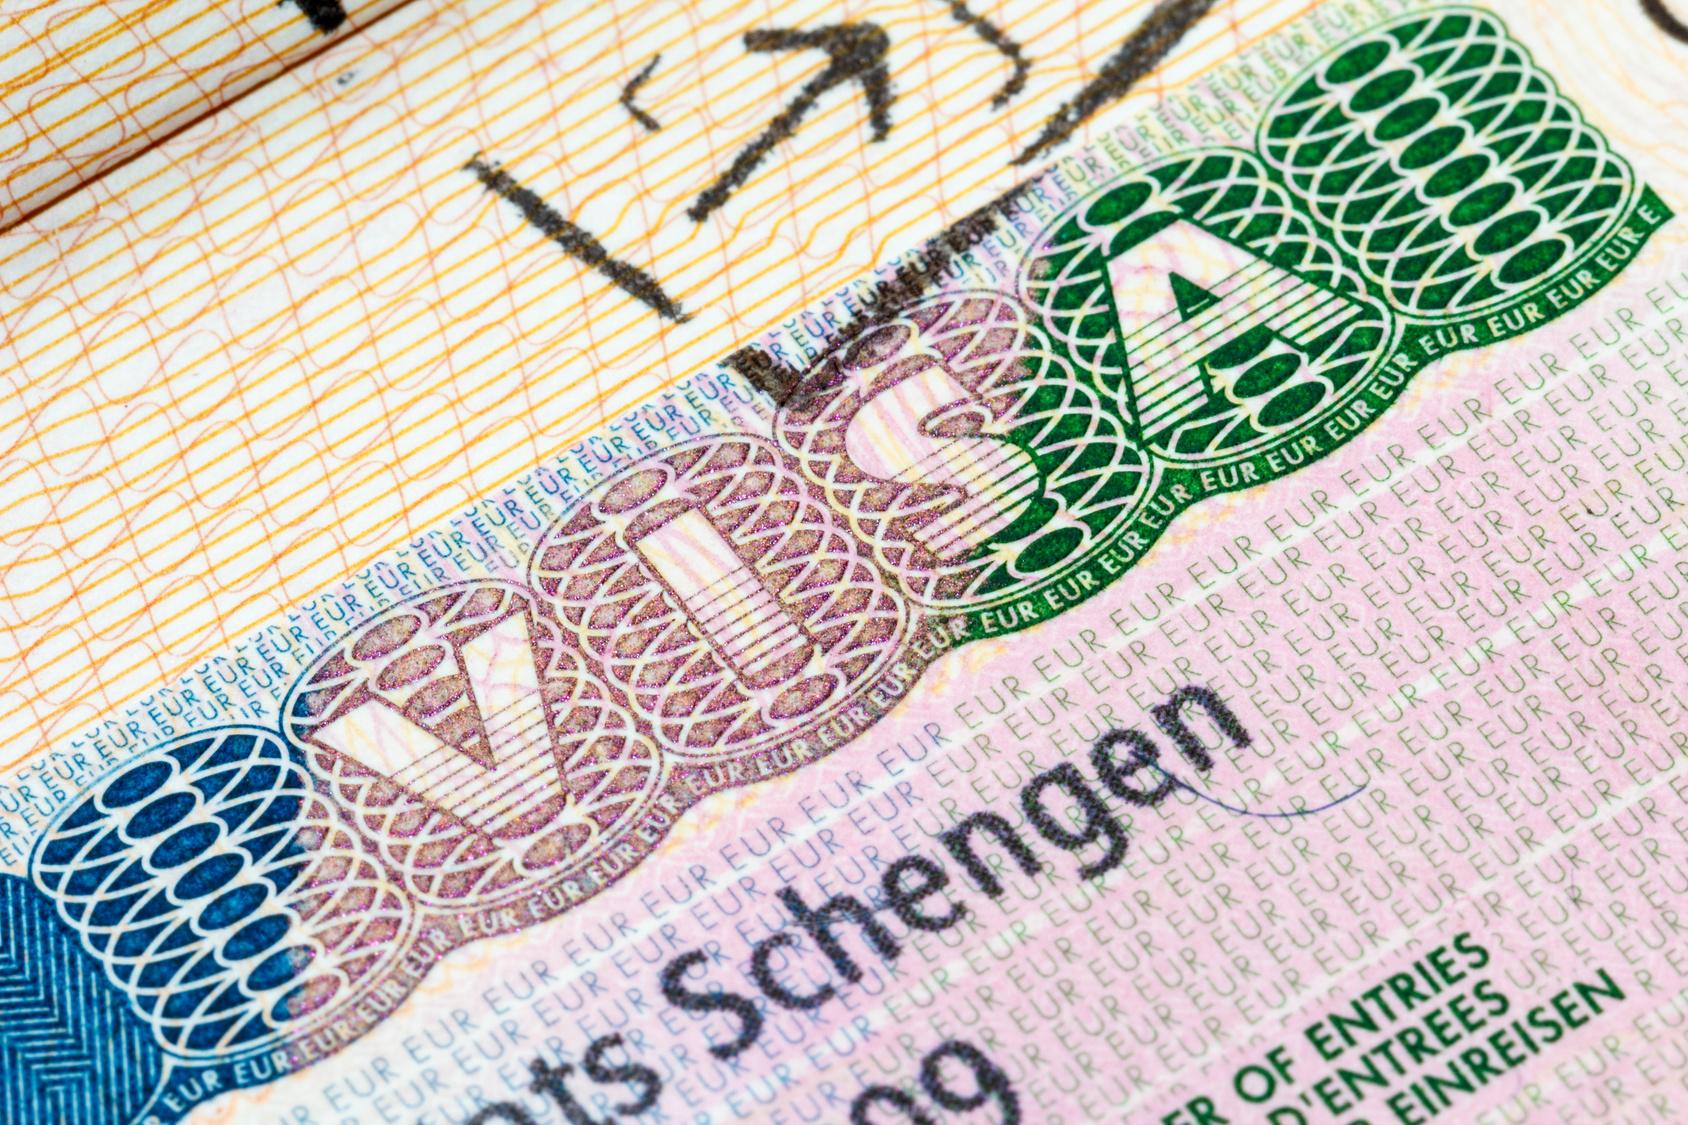 Spațiul Schengen revine pe agenda europeană în contextul pandemiei de coronavirus